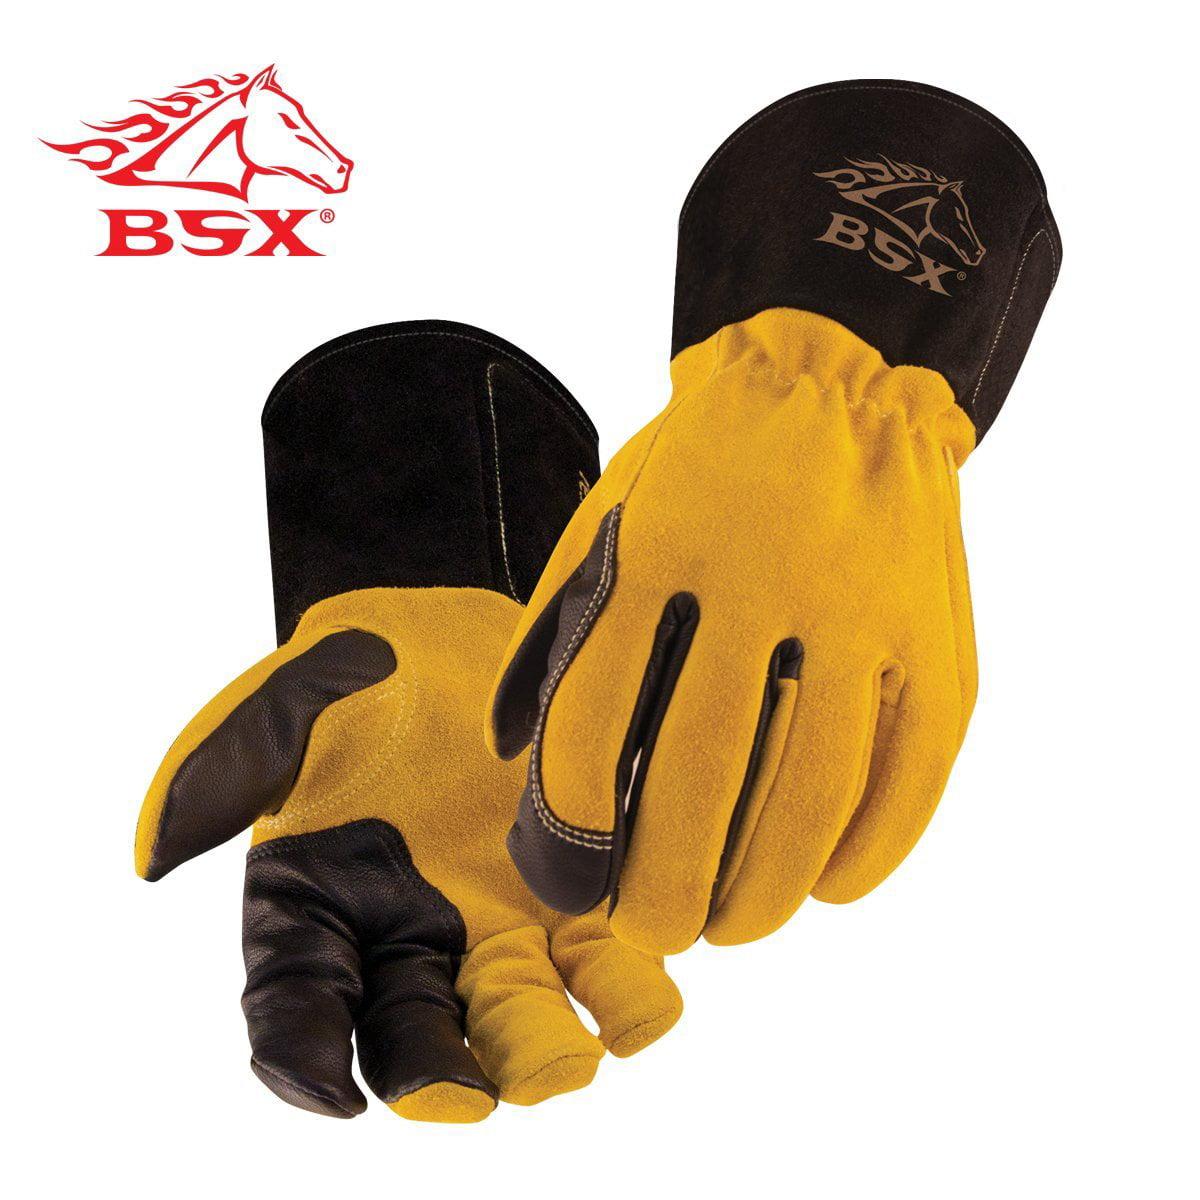 Black Stallion 39 Mighty MIG® Deerskin Premium MIG Welding Gloves